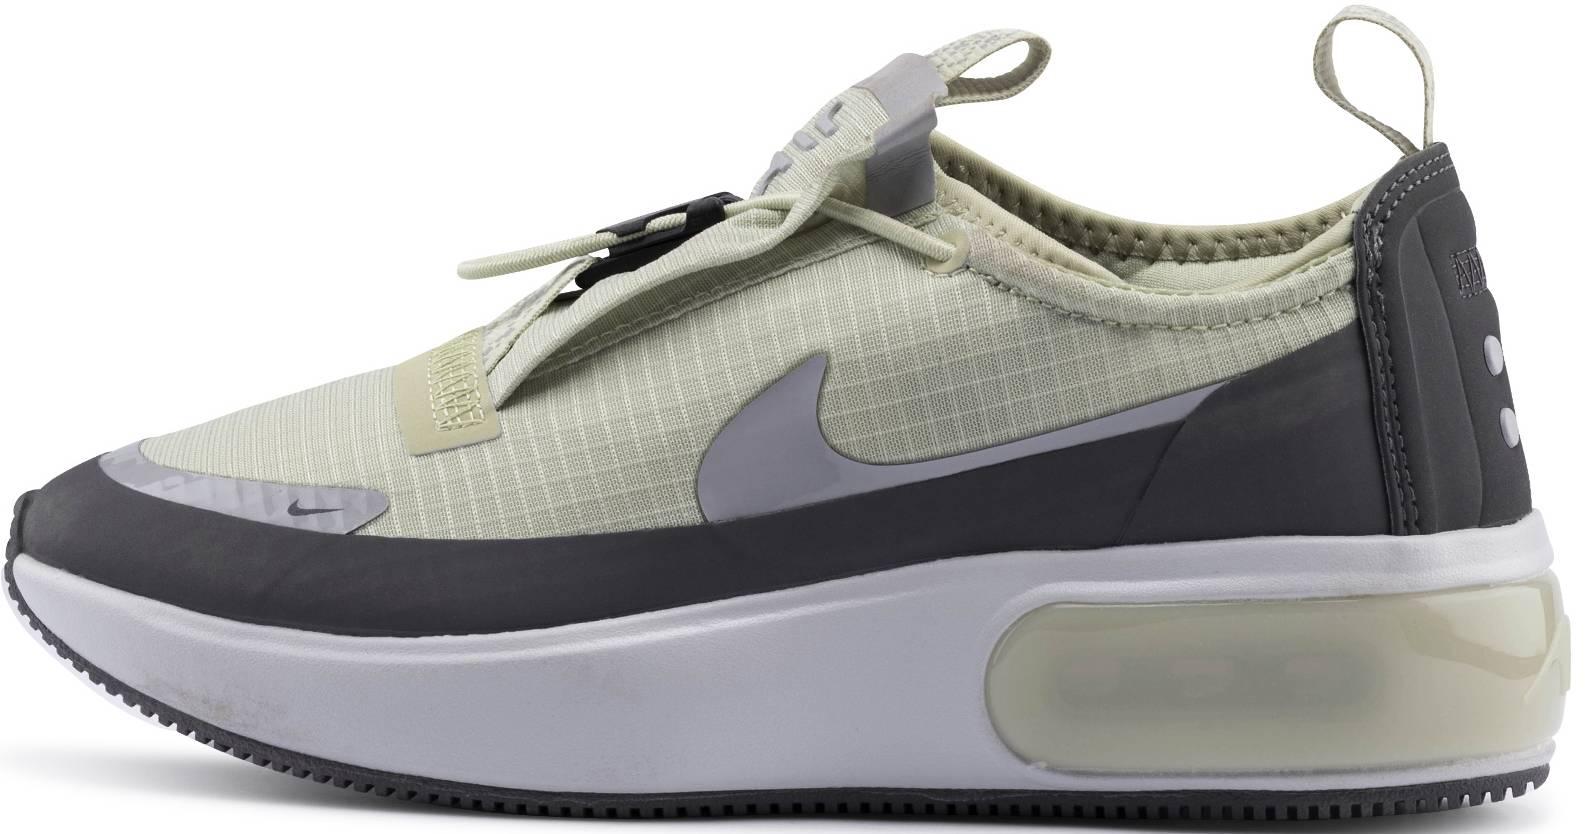 Nike Air Max Dia Winter sneakers in grey black   RunRepeat